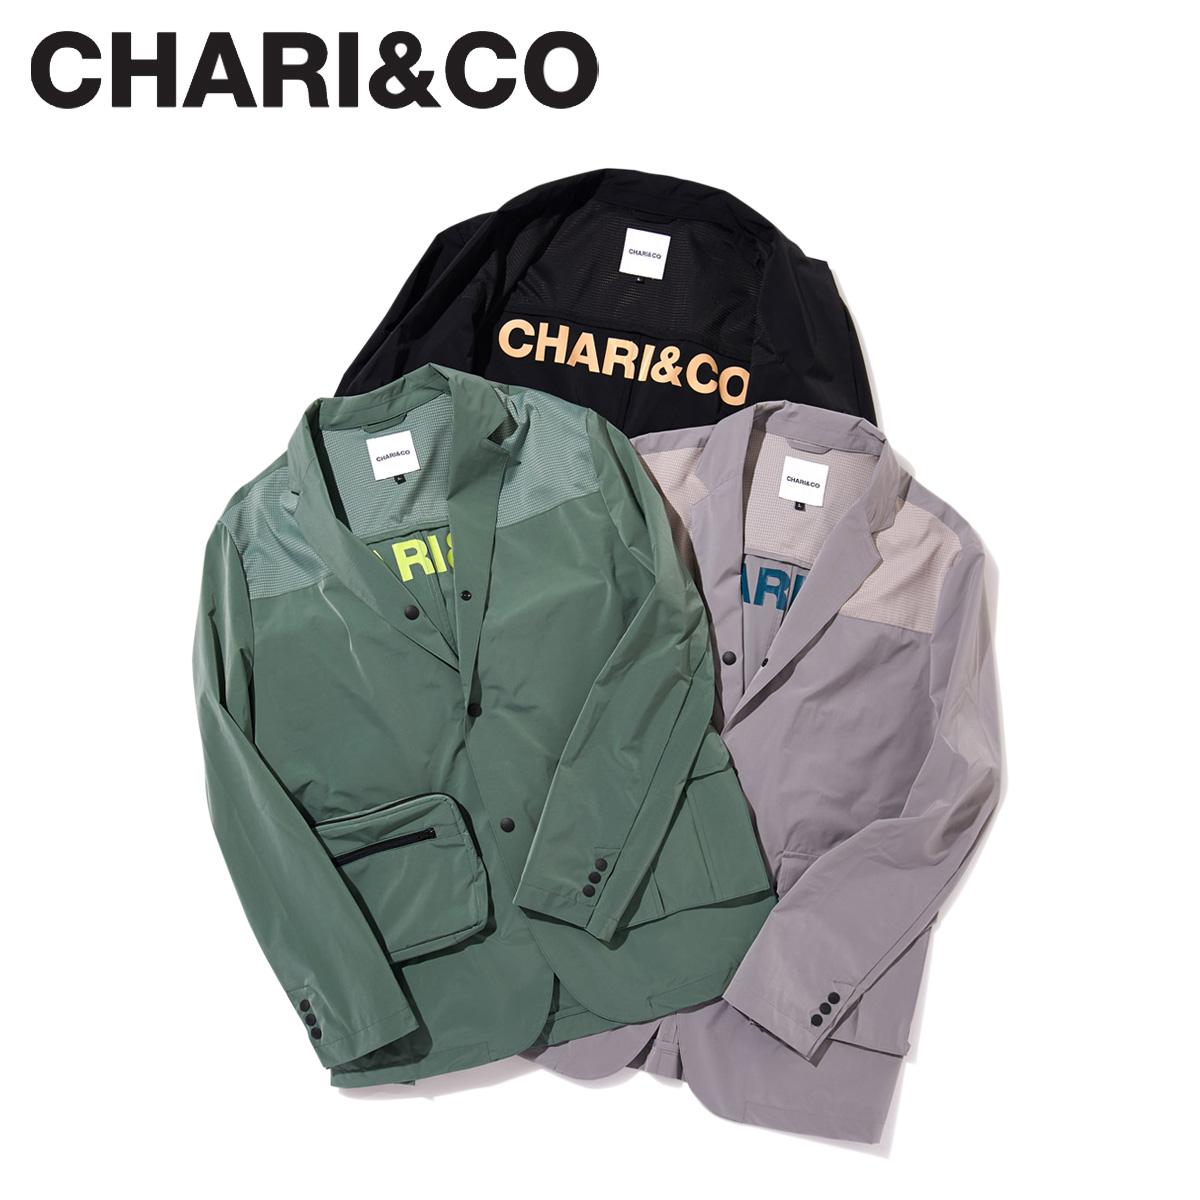 【最大2000円OFFクーポン】 CHARI&CO チャリアンドコー ジャケット ブレザー メンズ PACKABLE BLAZER ブラック グレー カーキ 黒